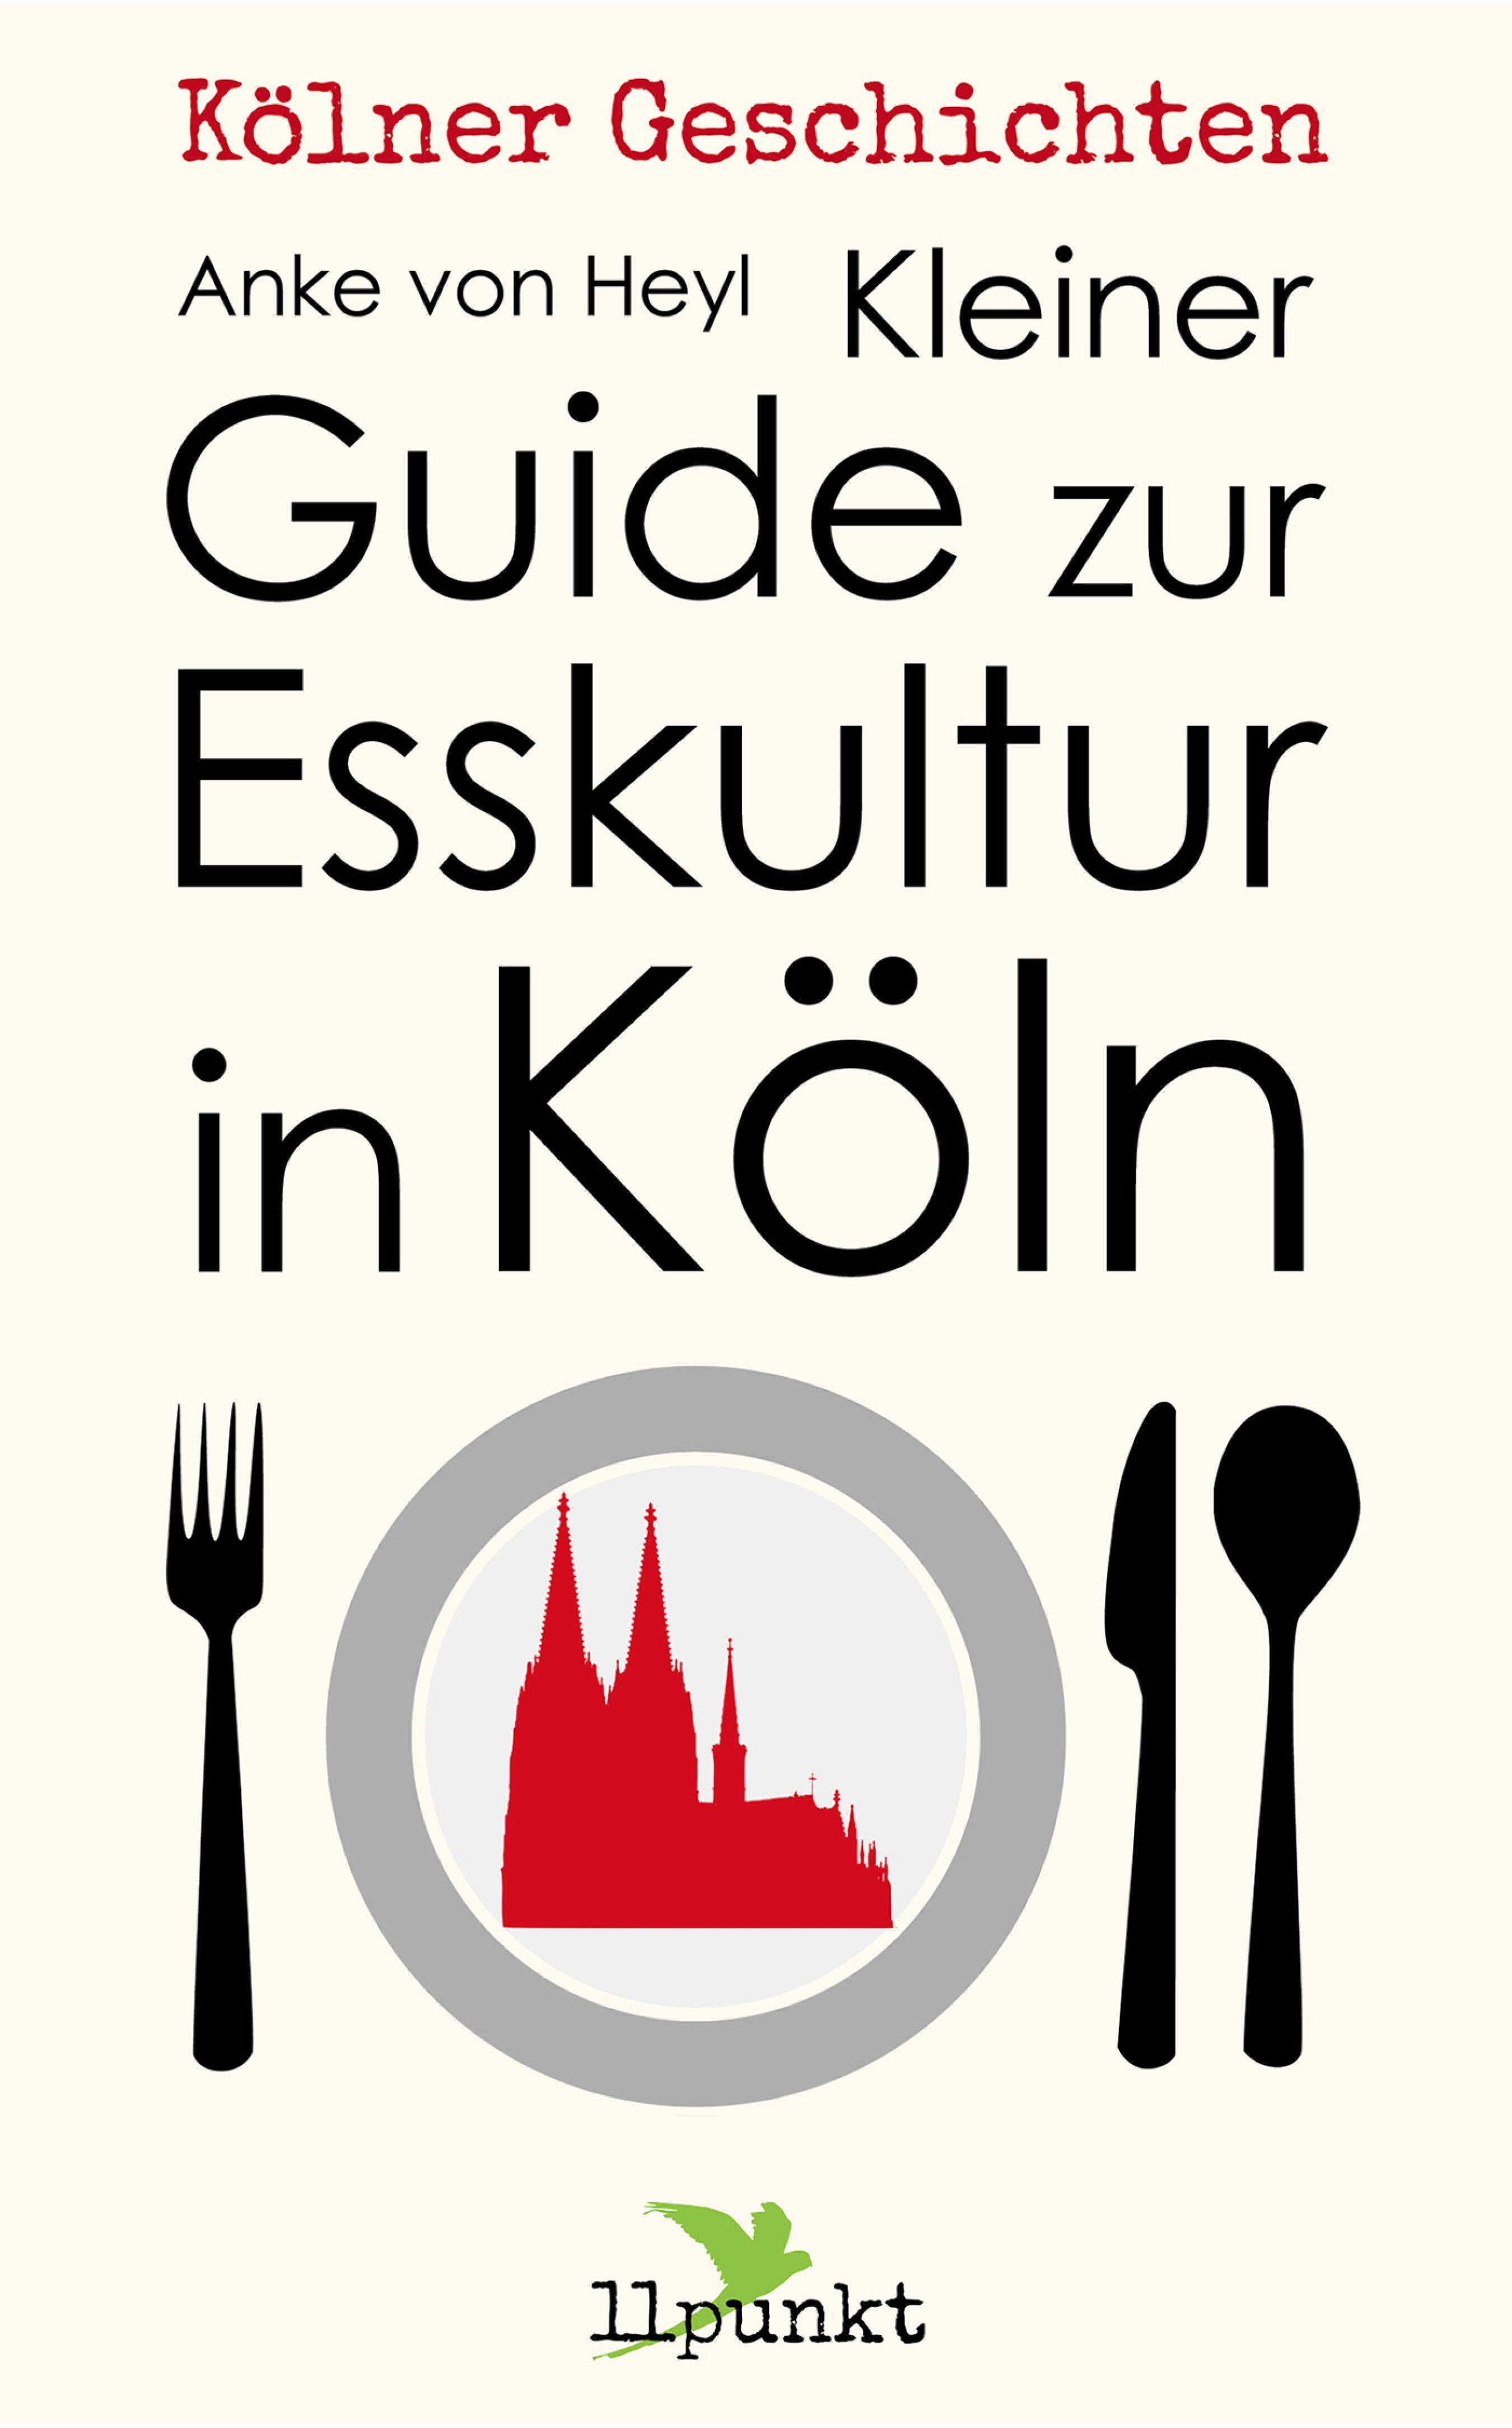 Anke von Heyl Kleiner Guide zur Esskultur in Köln